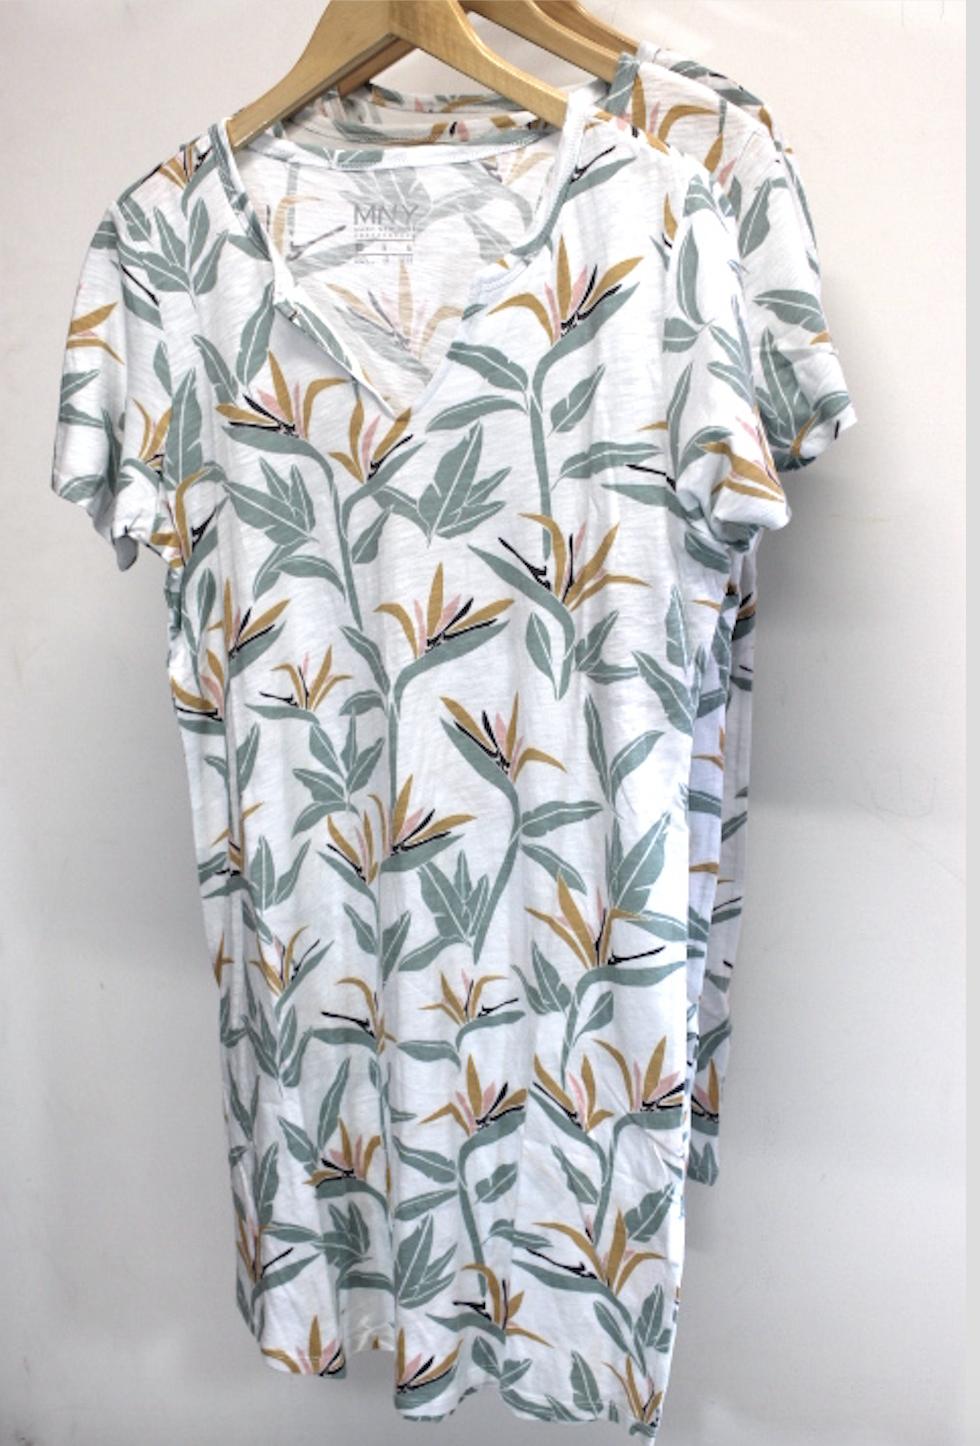 Marc NY Short Sleeve Dress